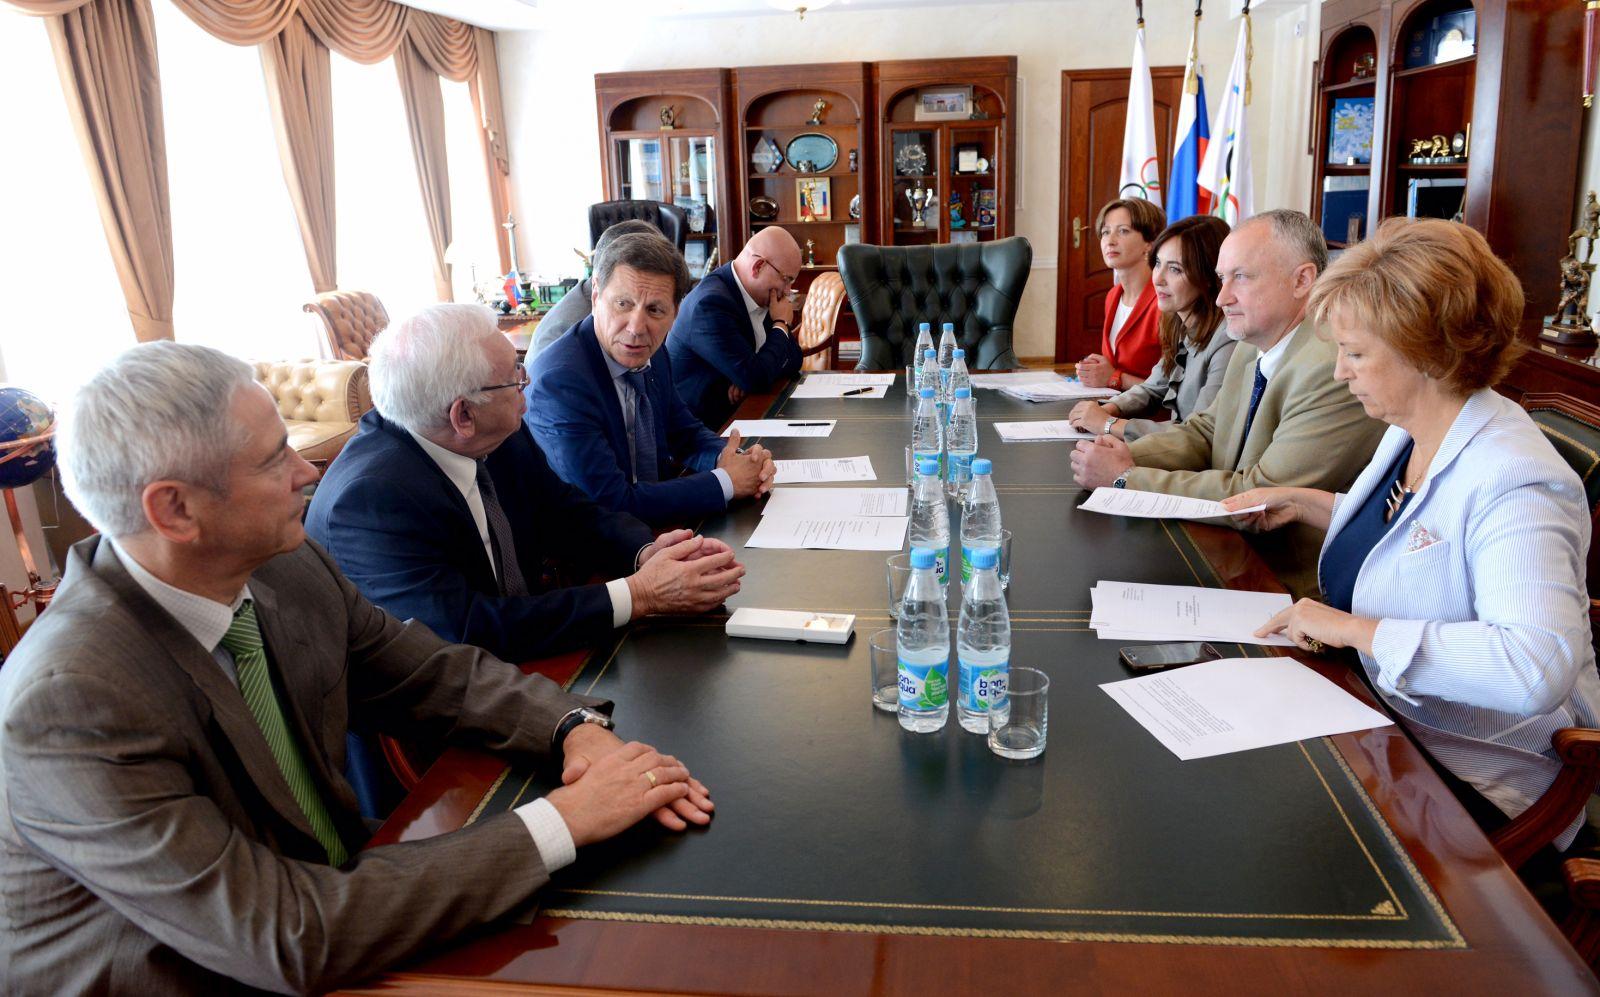 В.П. Лукин, П.А. Рожков в офисе ОКР приняли участие в заседании Учредителей РУСАДА, на котором был утвержден новый генеральный директор организации